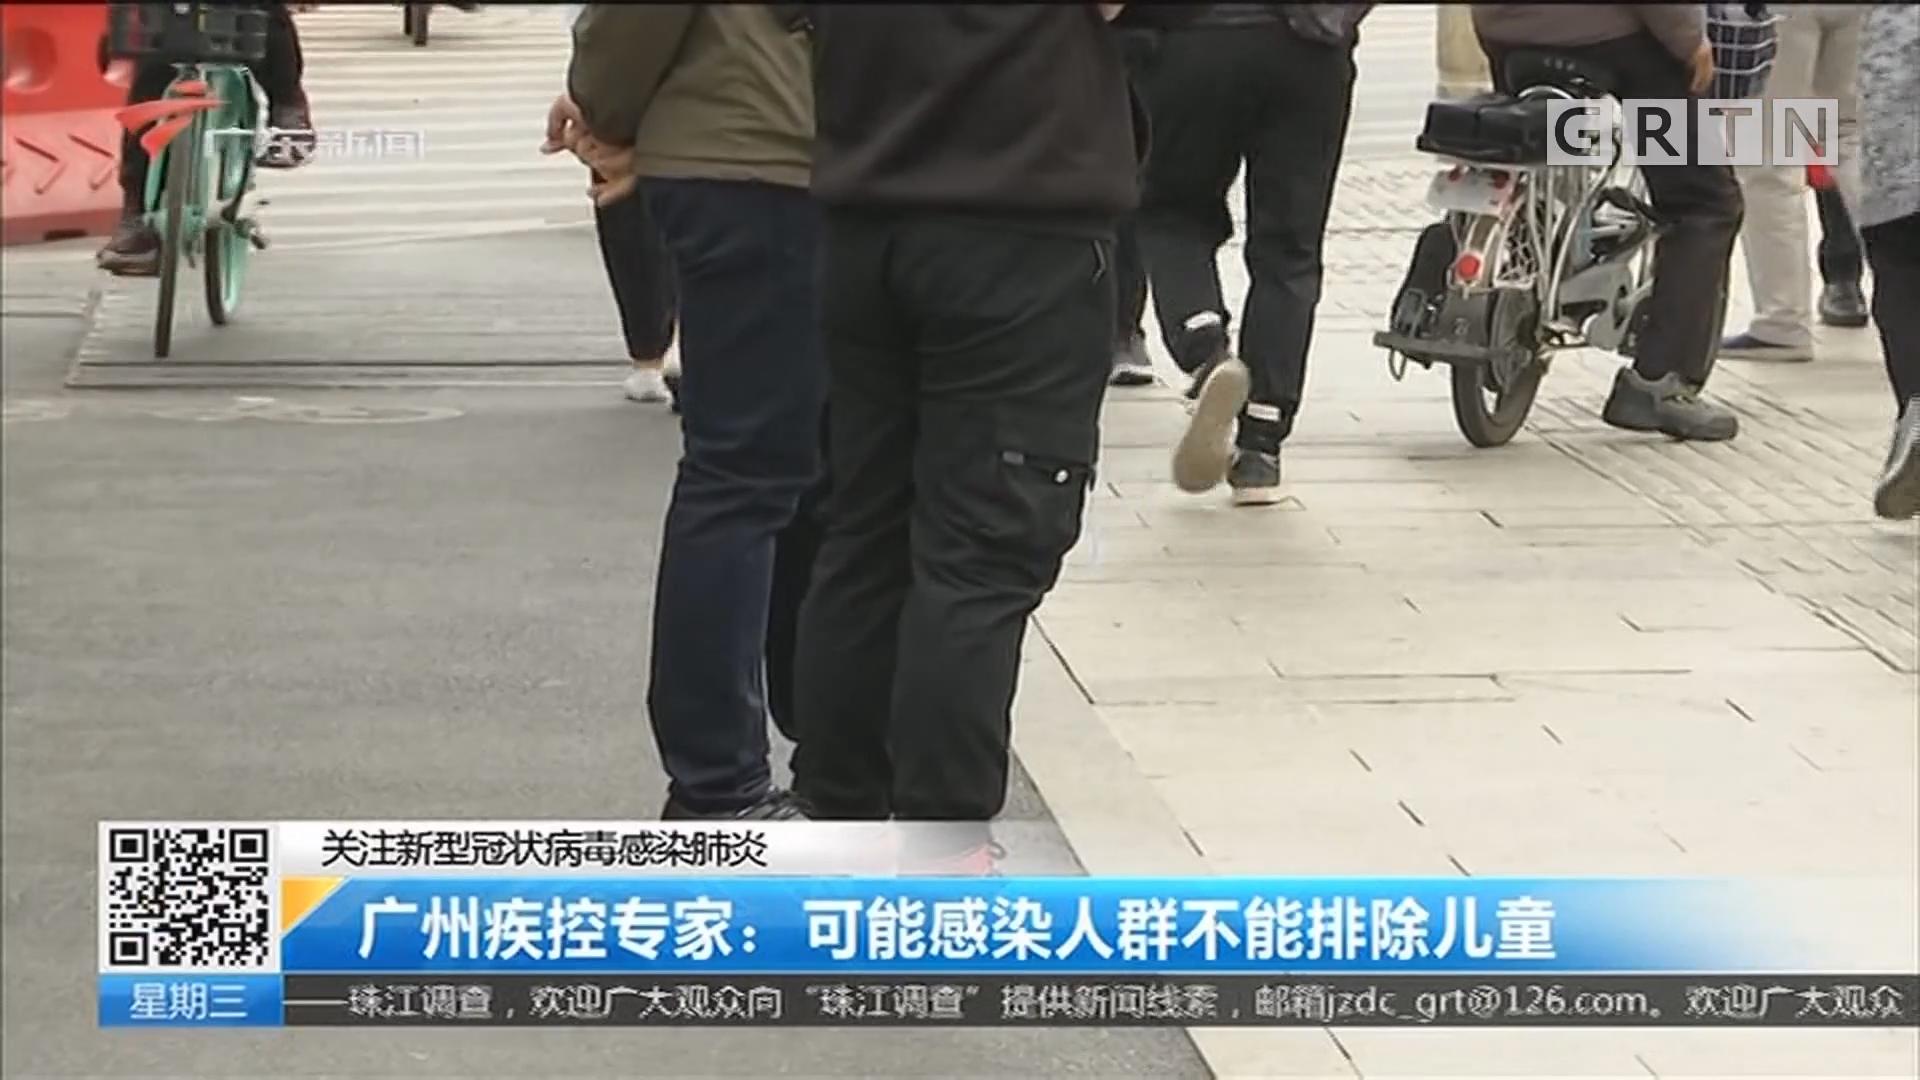 关注新型冠状病毒感染肺炎 广州疾控专家:可能感染人群不能排除儿童